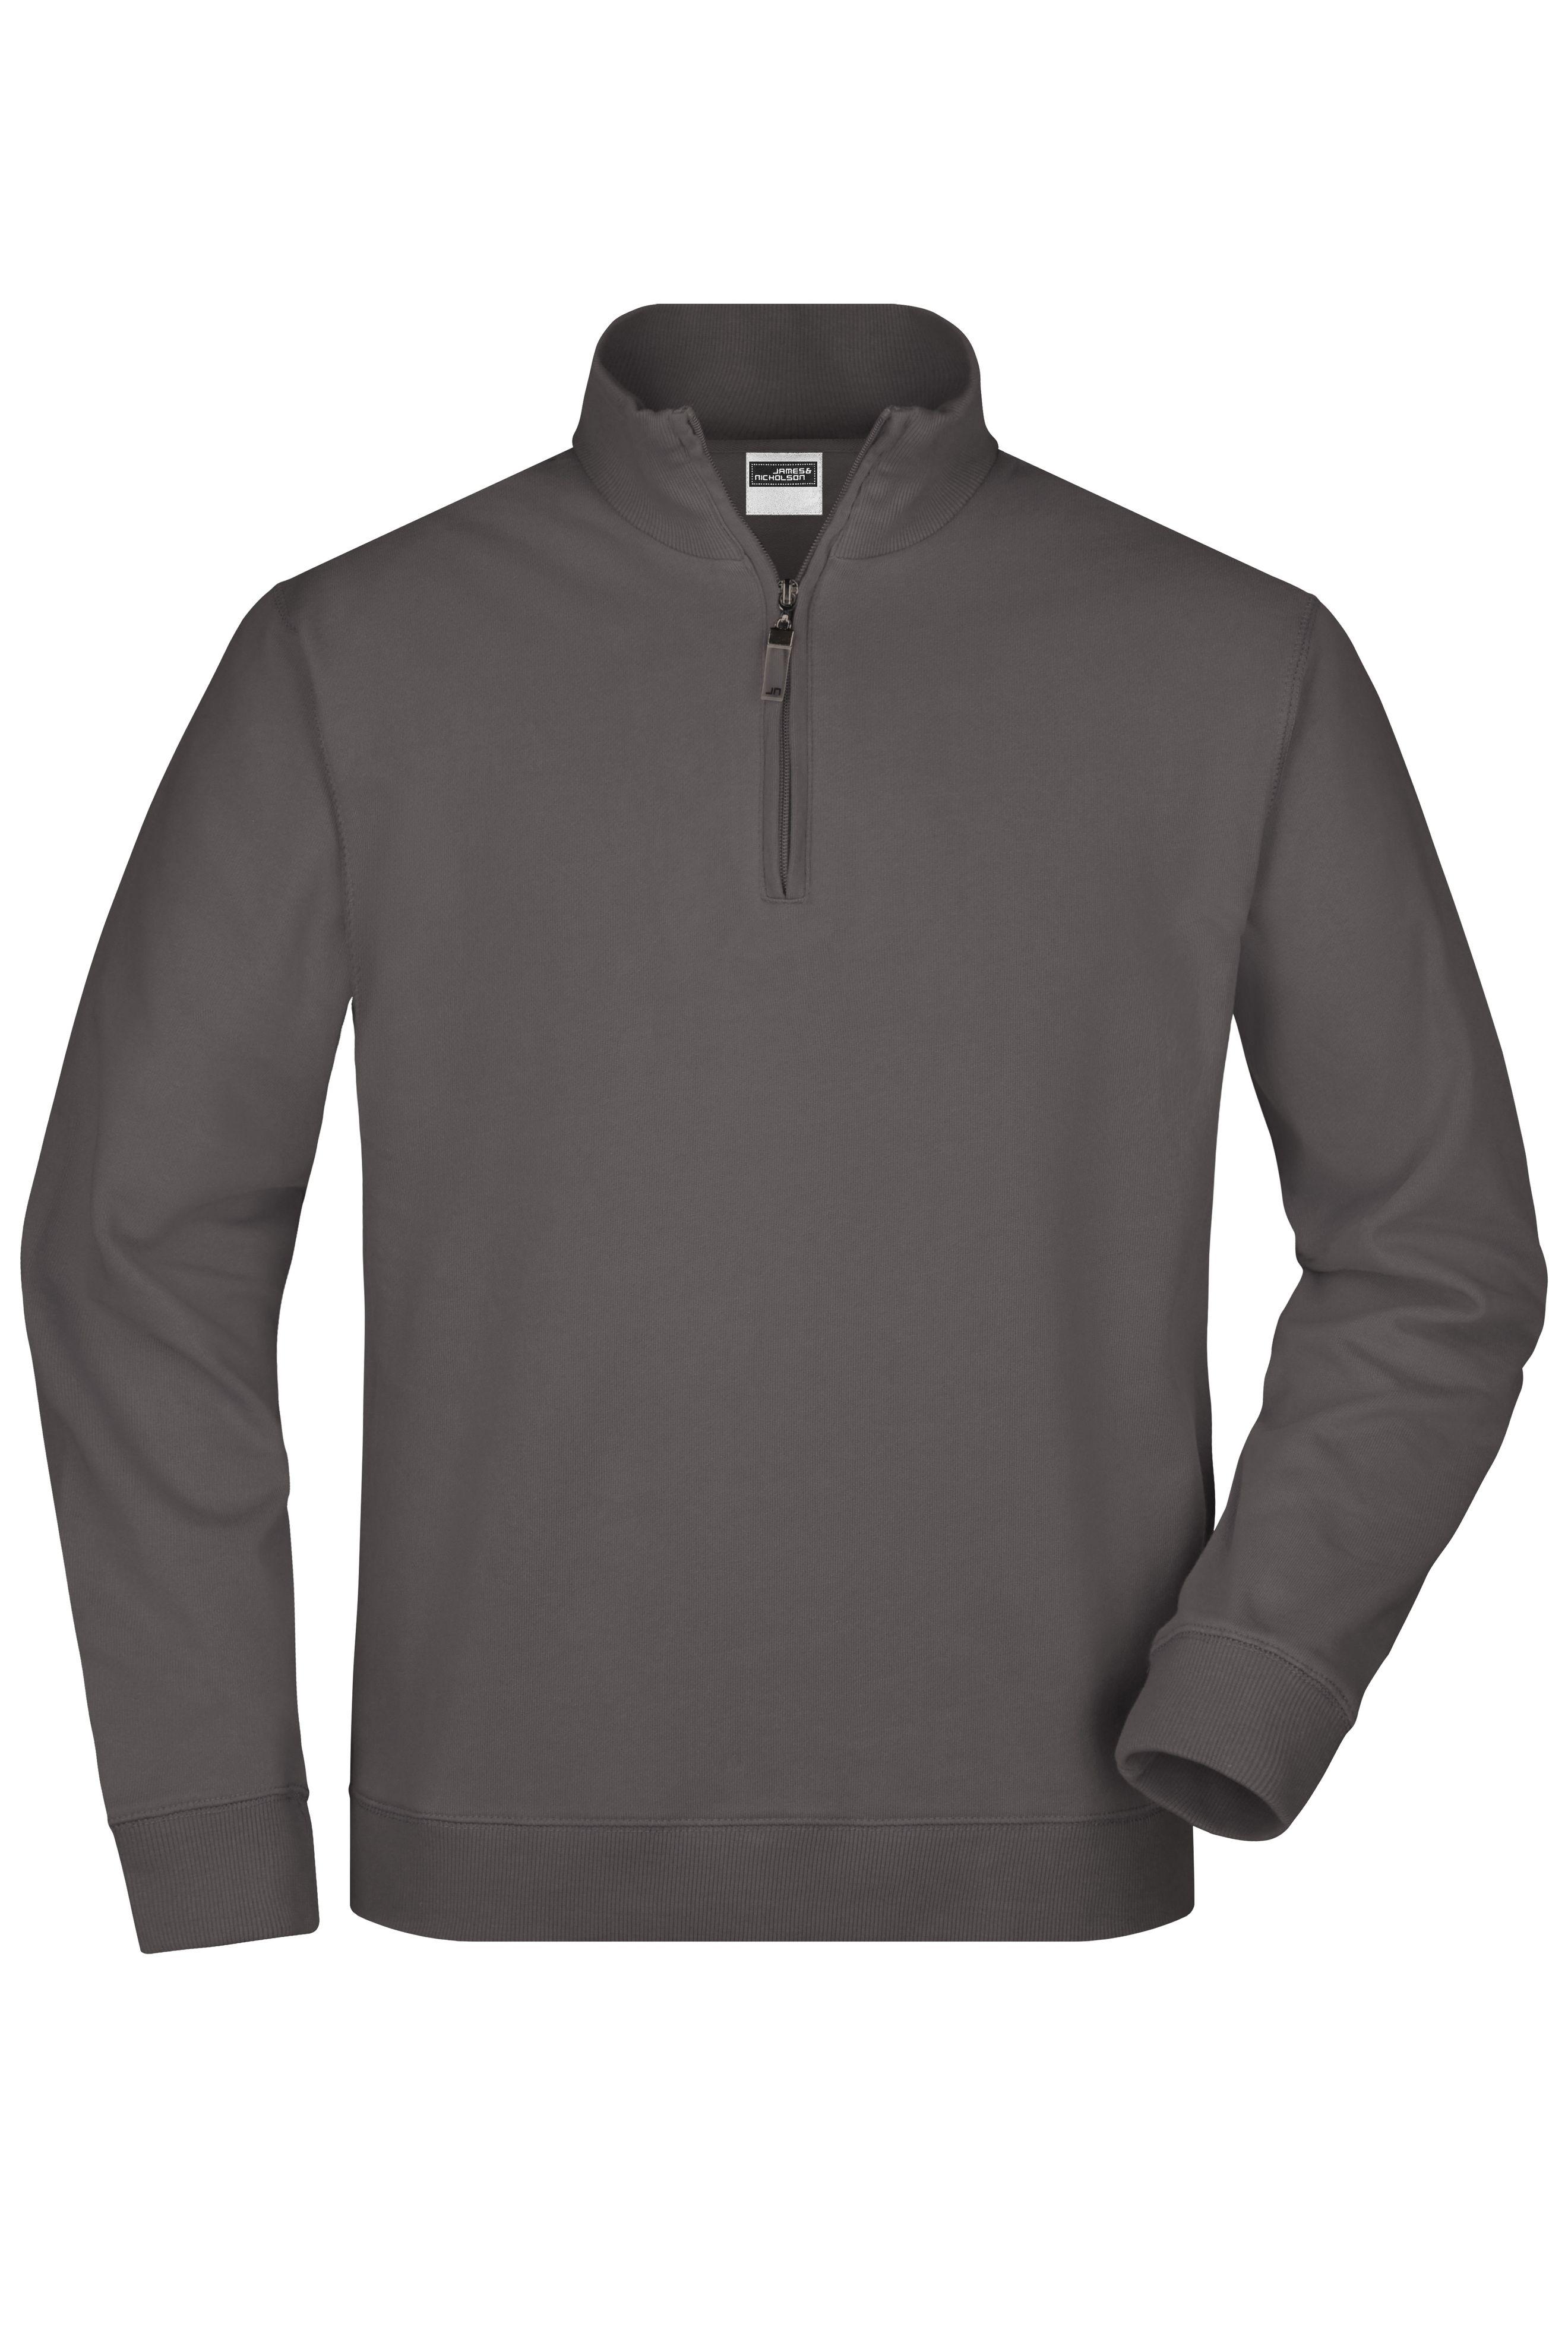 Sweatshirt mit Stehkragen und kurzem Reißverschluss